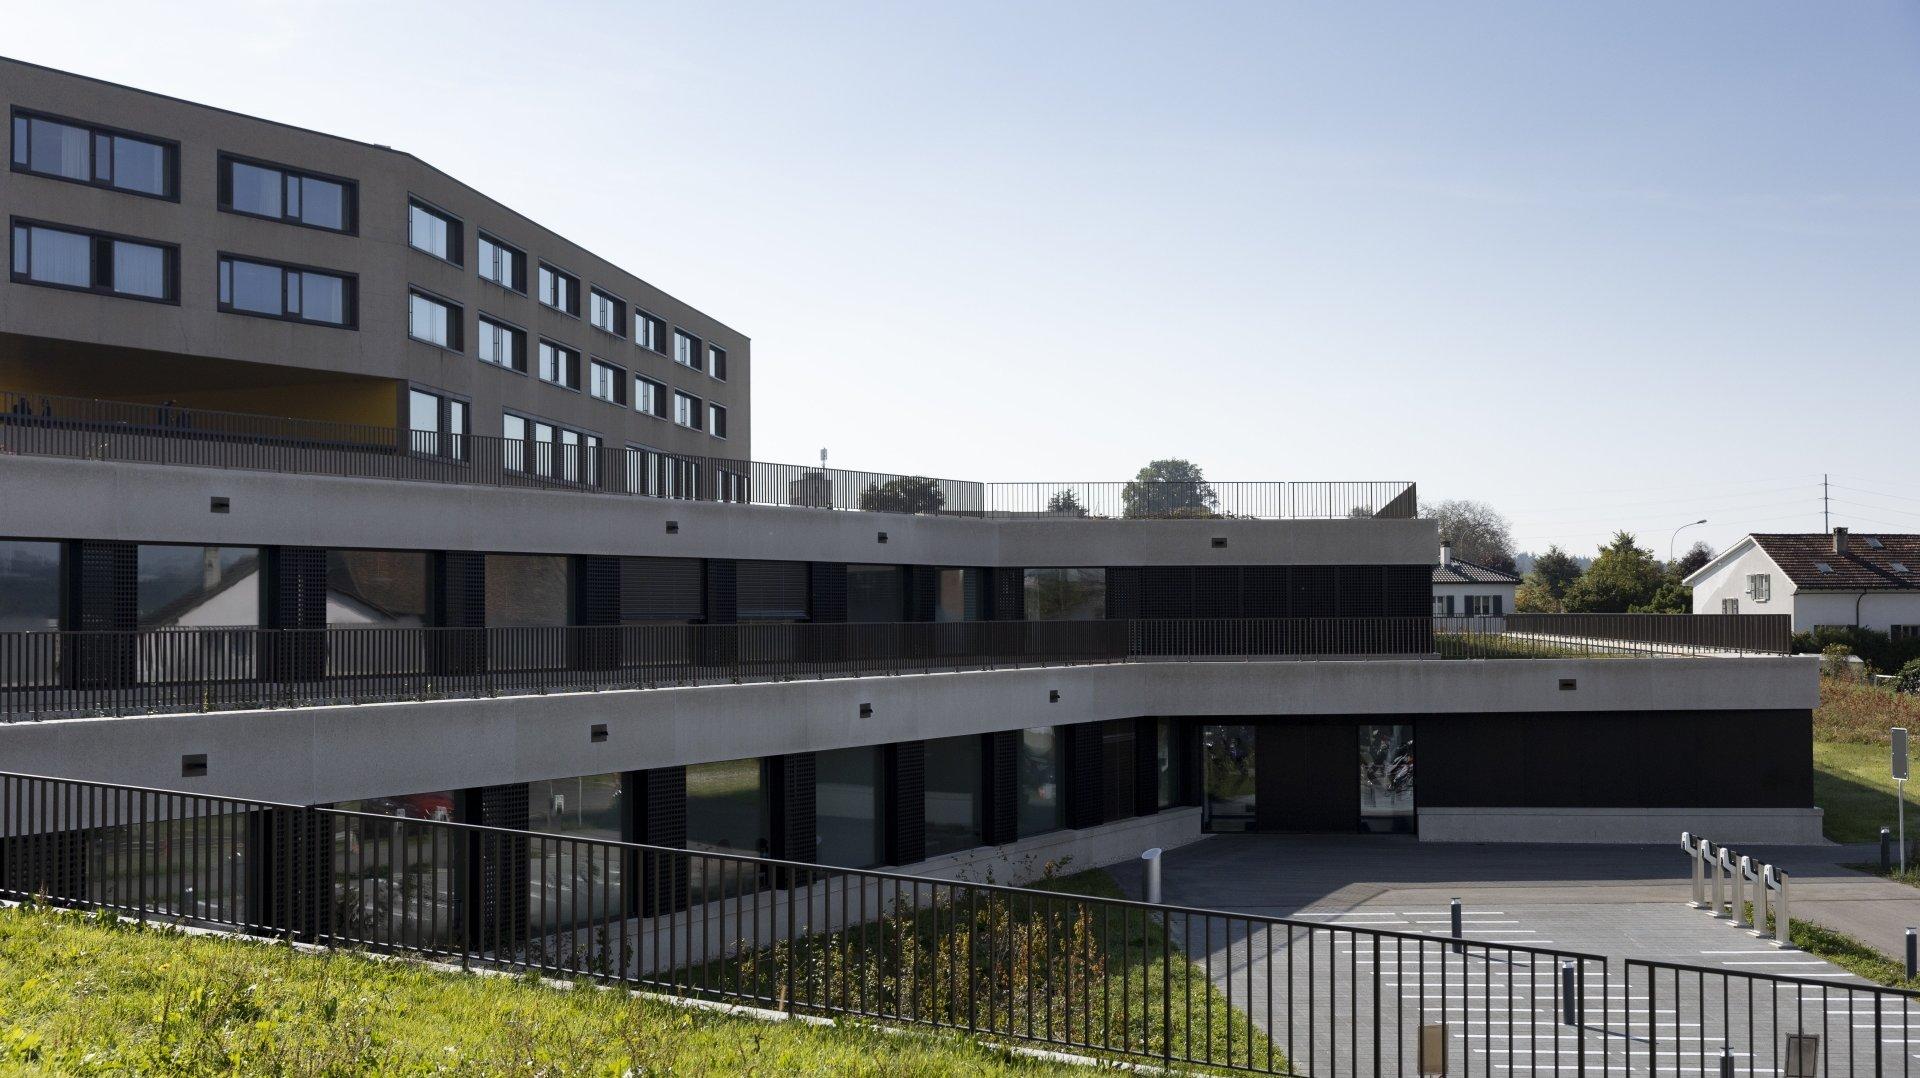 Avec le nouveau bâtiment, qui est aménagé en terrasses, l'établissement scolaire peut désormais accueillir environ 1500 élèves, soit environ 600 de plus qu'à l'origine.